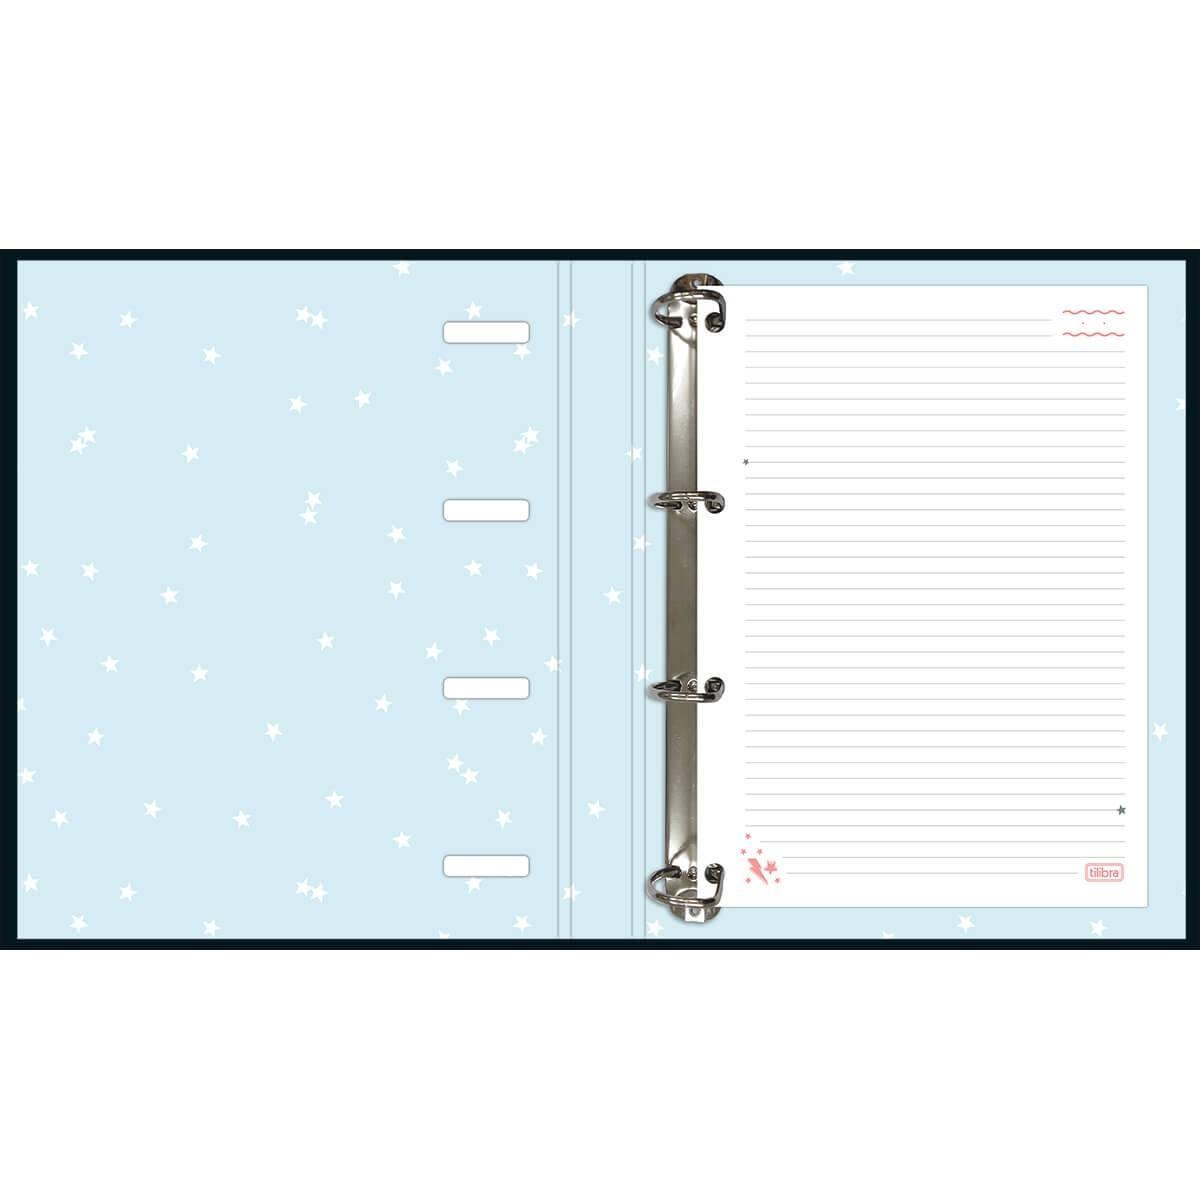 Caderno Argolado Cartonado Universitário com Elástico Capricho 80fls - Tilibra